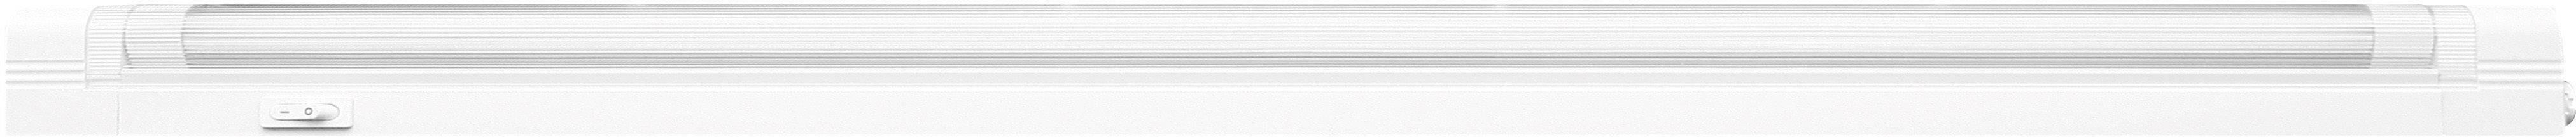 LED lišta pod kuchyňskou linku Müller Licht, 51904, 9 W, 90,5 cm, studená bílá